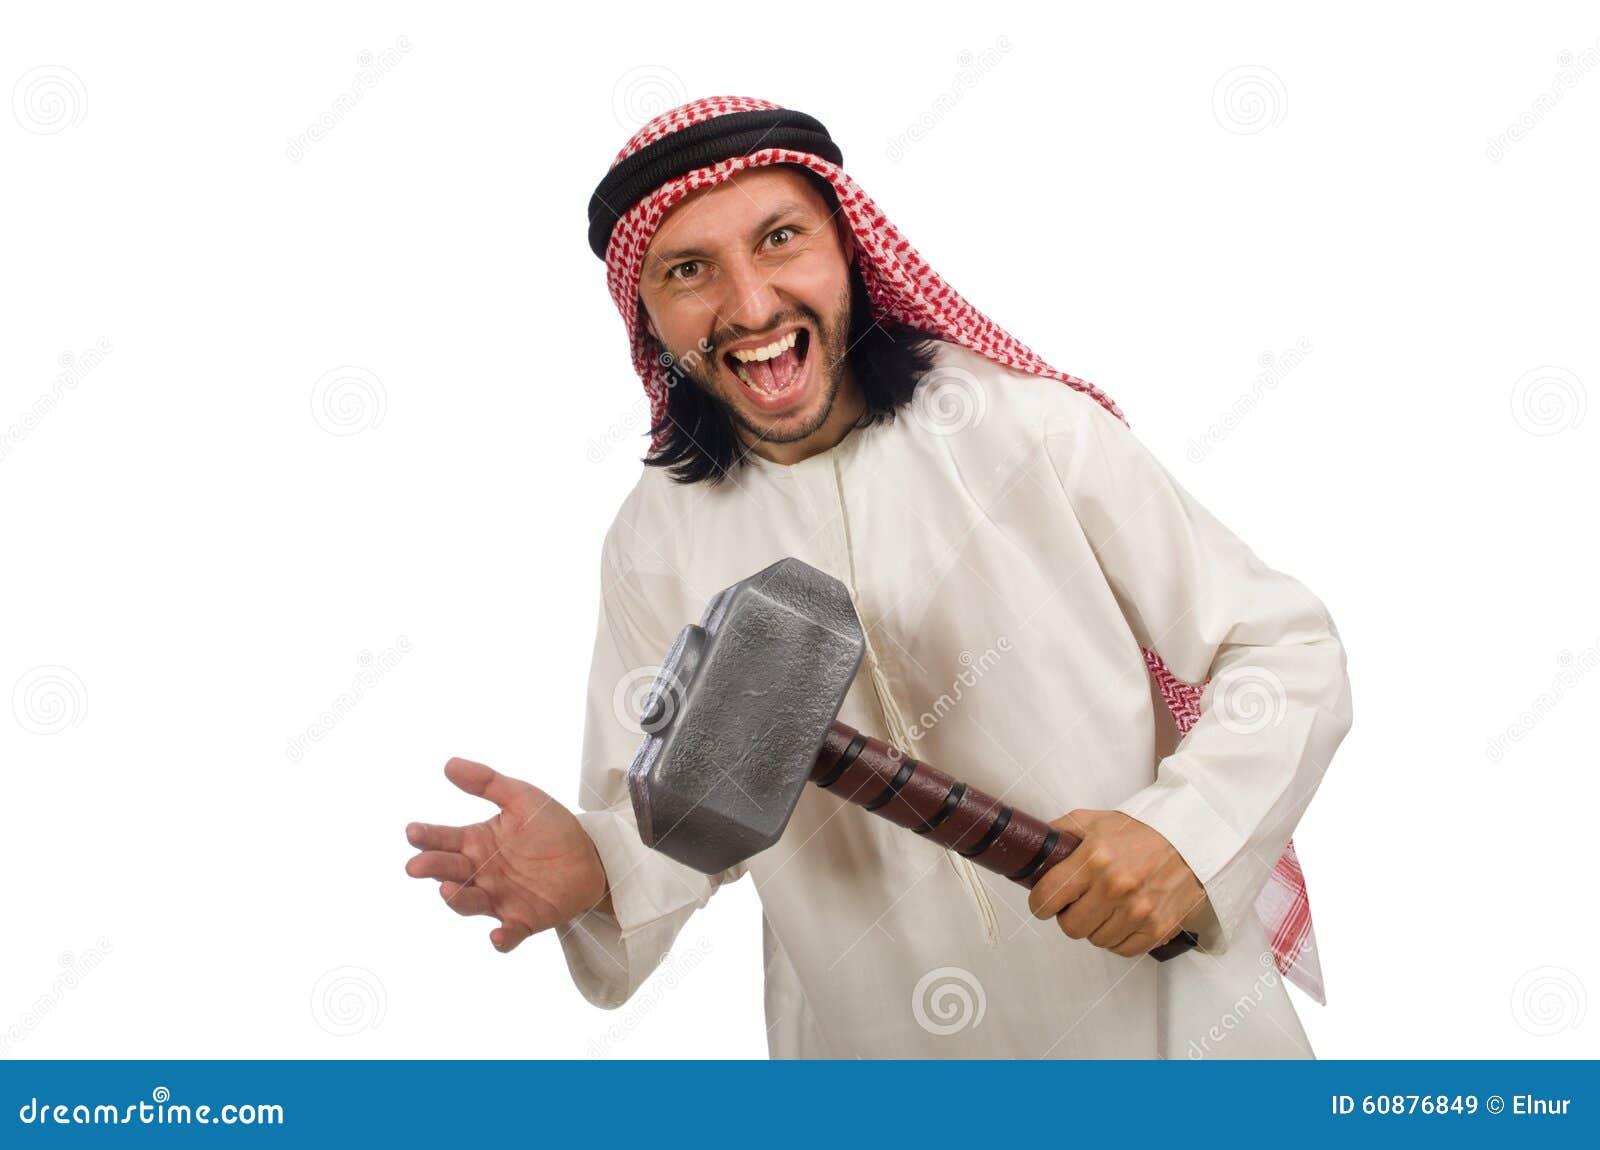 Arab guy white no money no problem 5